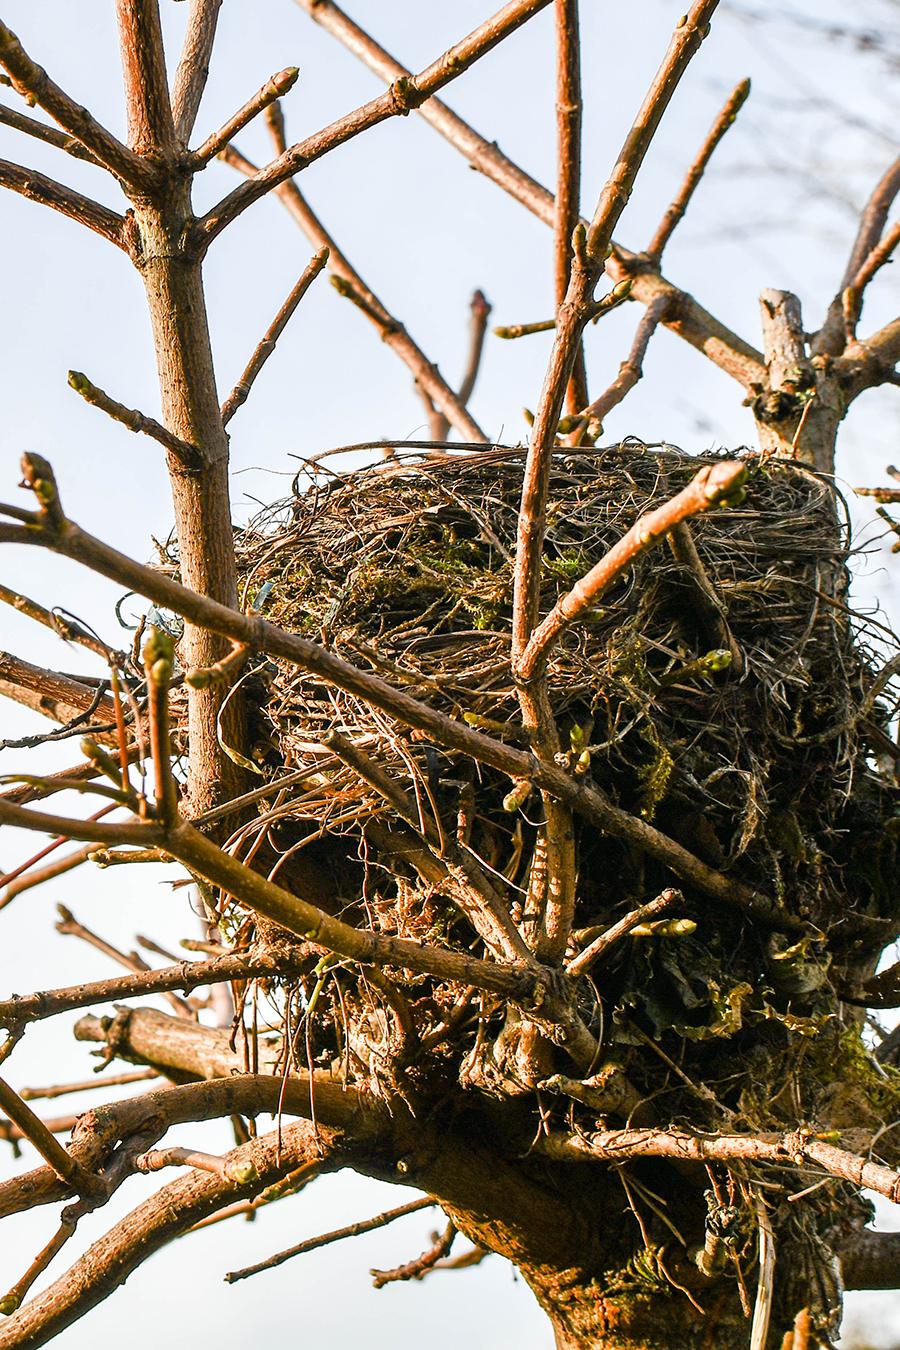 Gartenarbeit im Februar: Schnitt, Aussaat, Tier- und Frostschutz